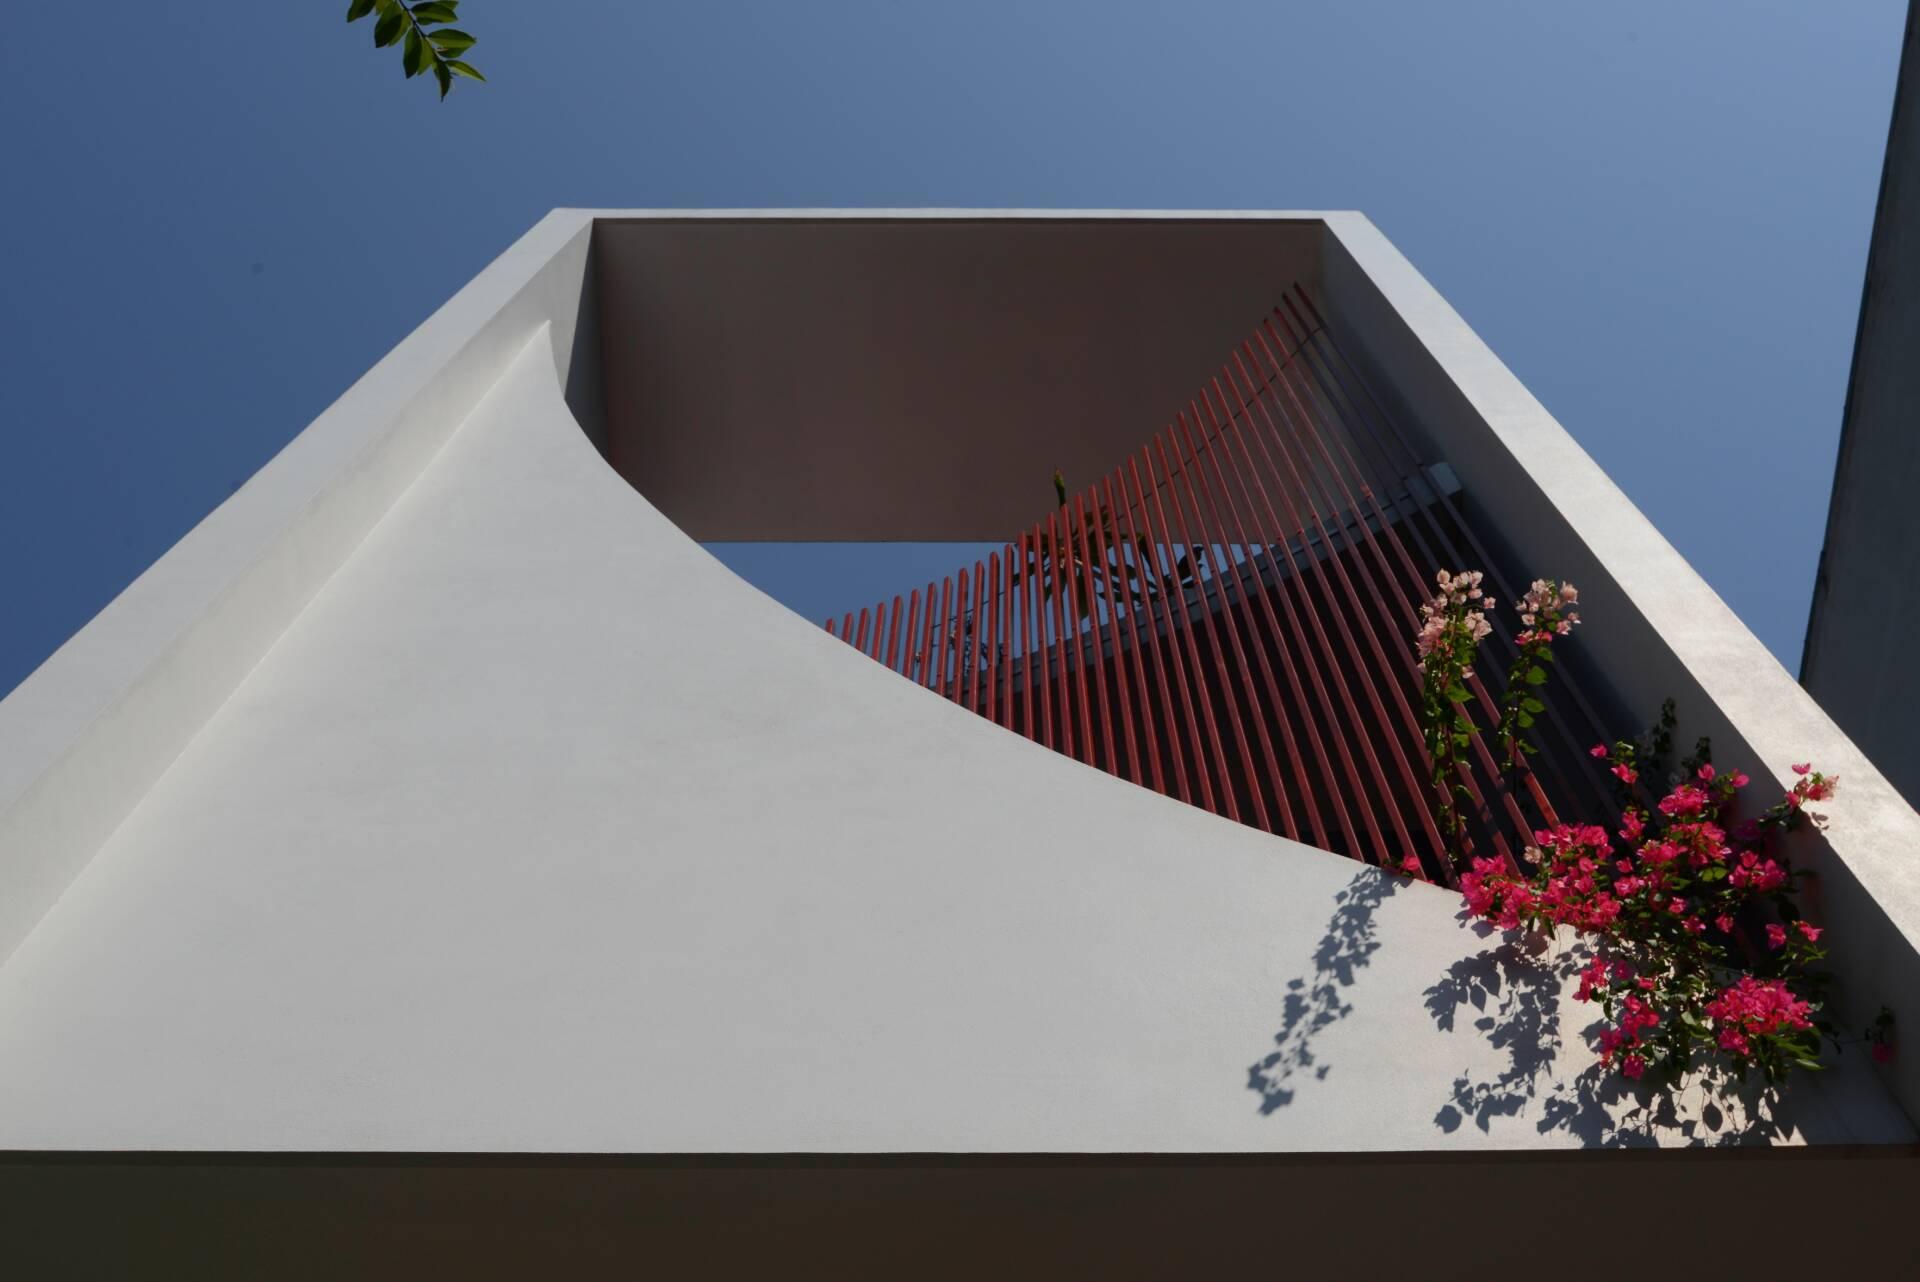 Không những có tác dụng che chắn nắng, những đường cong còn tạo bóng cho không gian bên trong, đồng thời cũng là thành phần mảng khối của kiến trúc công trình